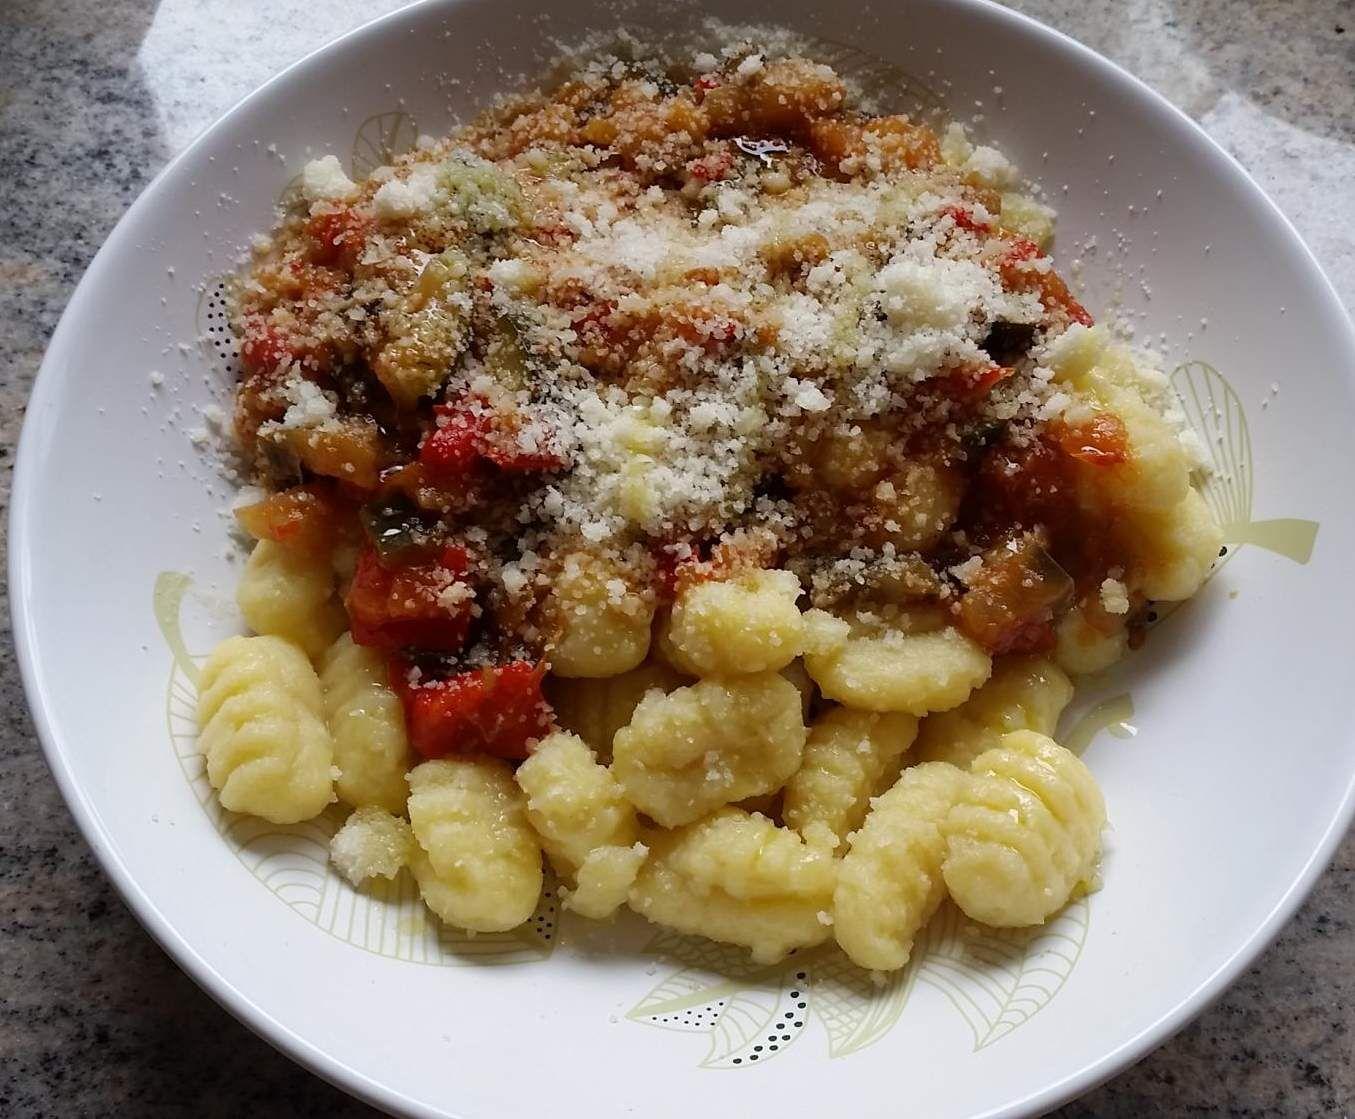 Rezept Gnocchi mit Gemüse von Italienstyle - Rezept der Kategorie Hauptgerichte mit Gemüse